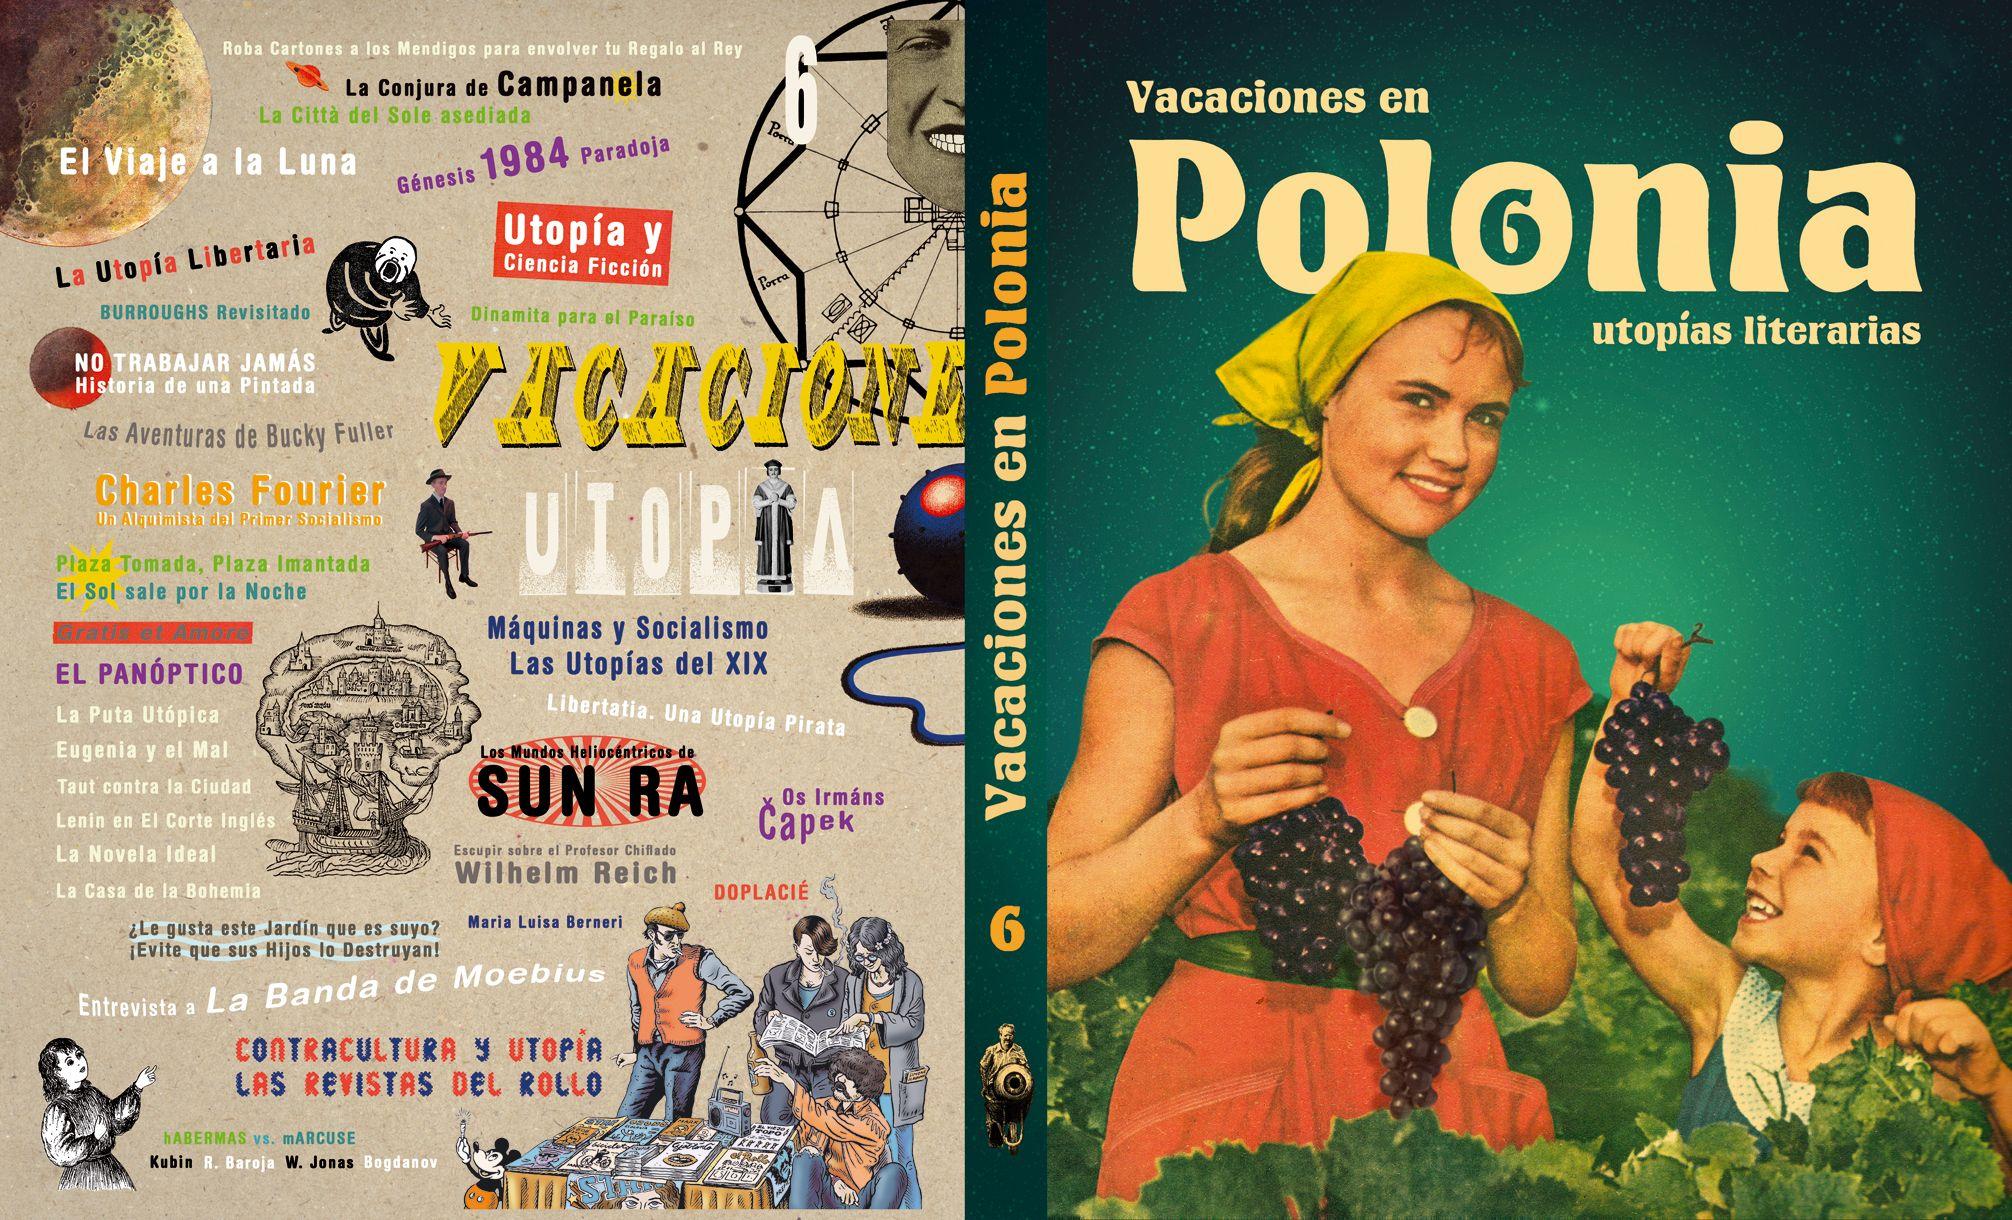 vp6-capa-y-contra_acoplada.jpg (2012×1220)